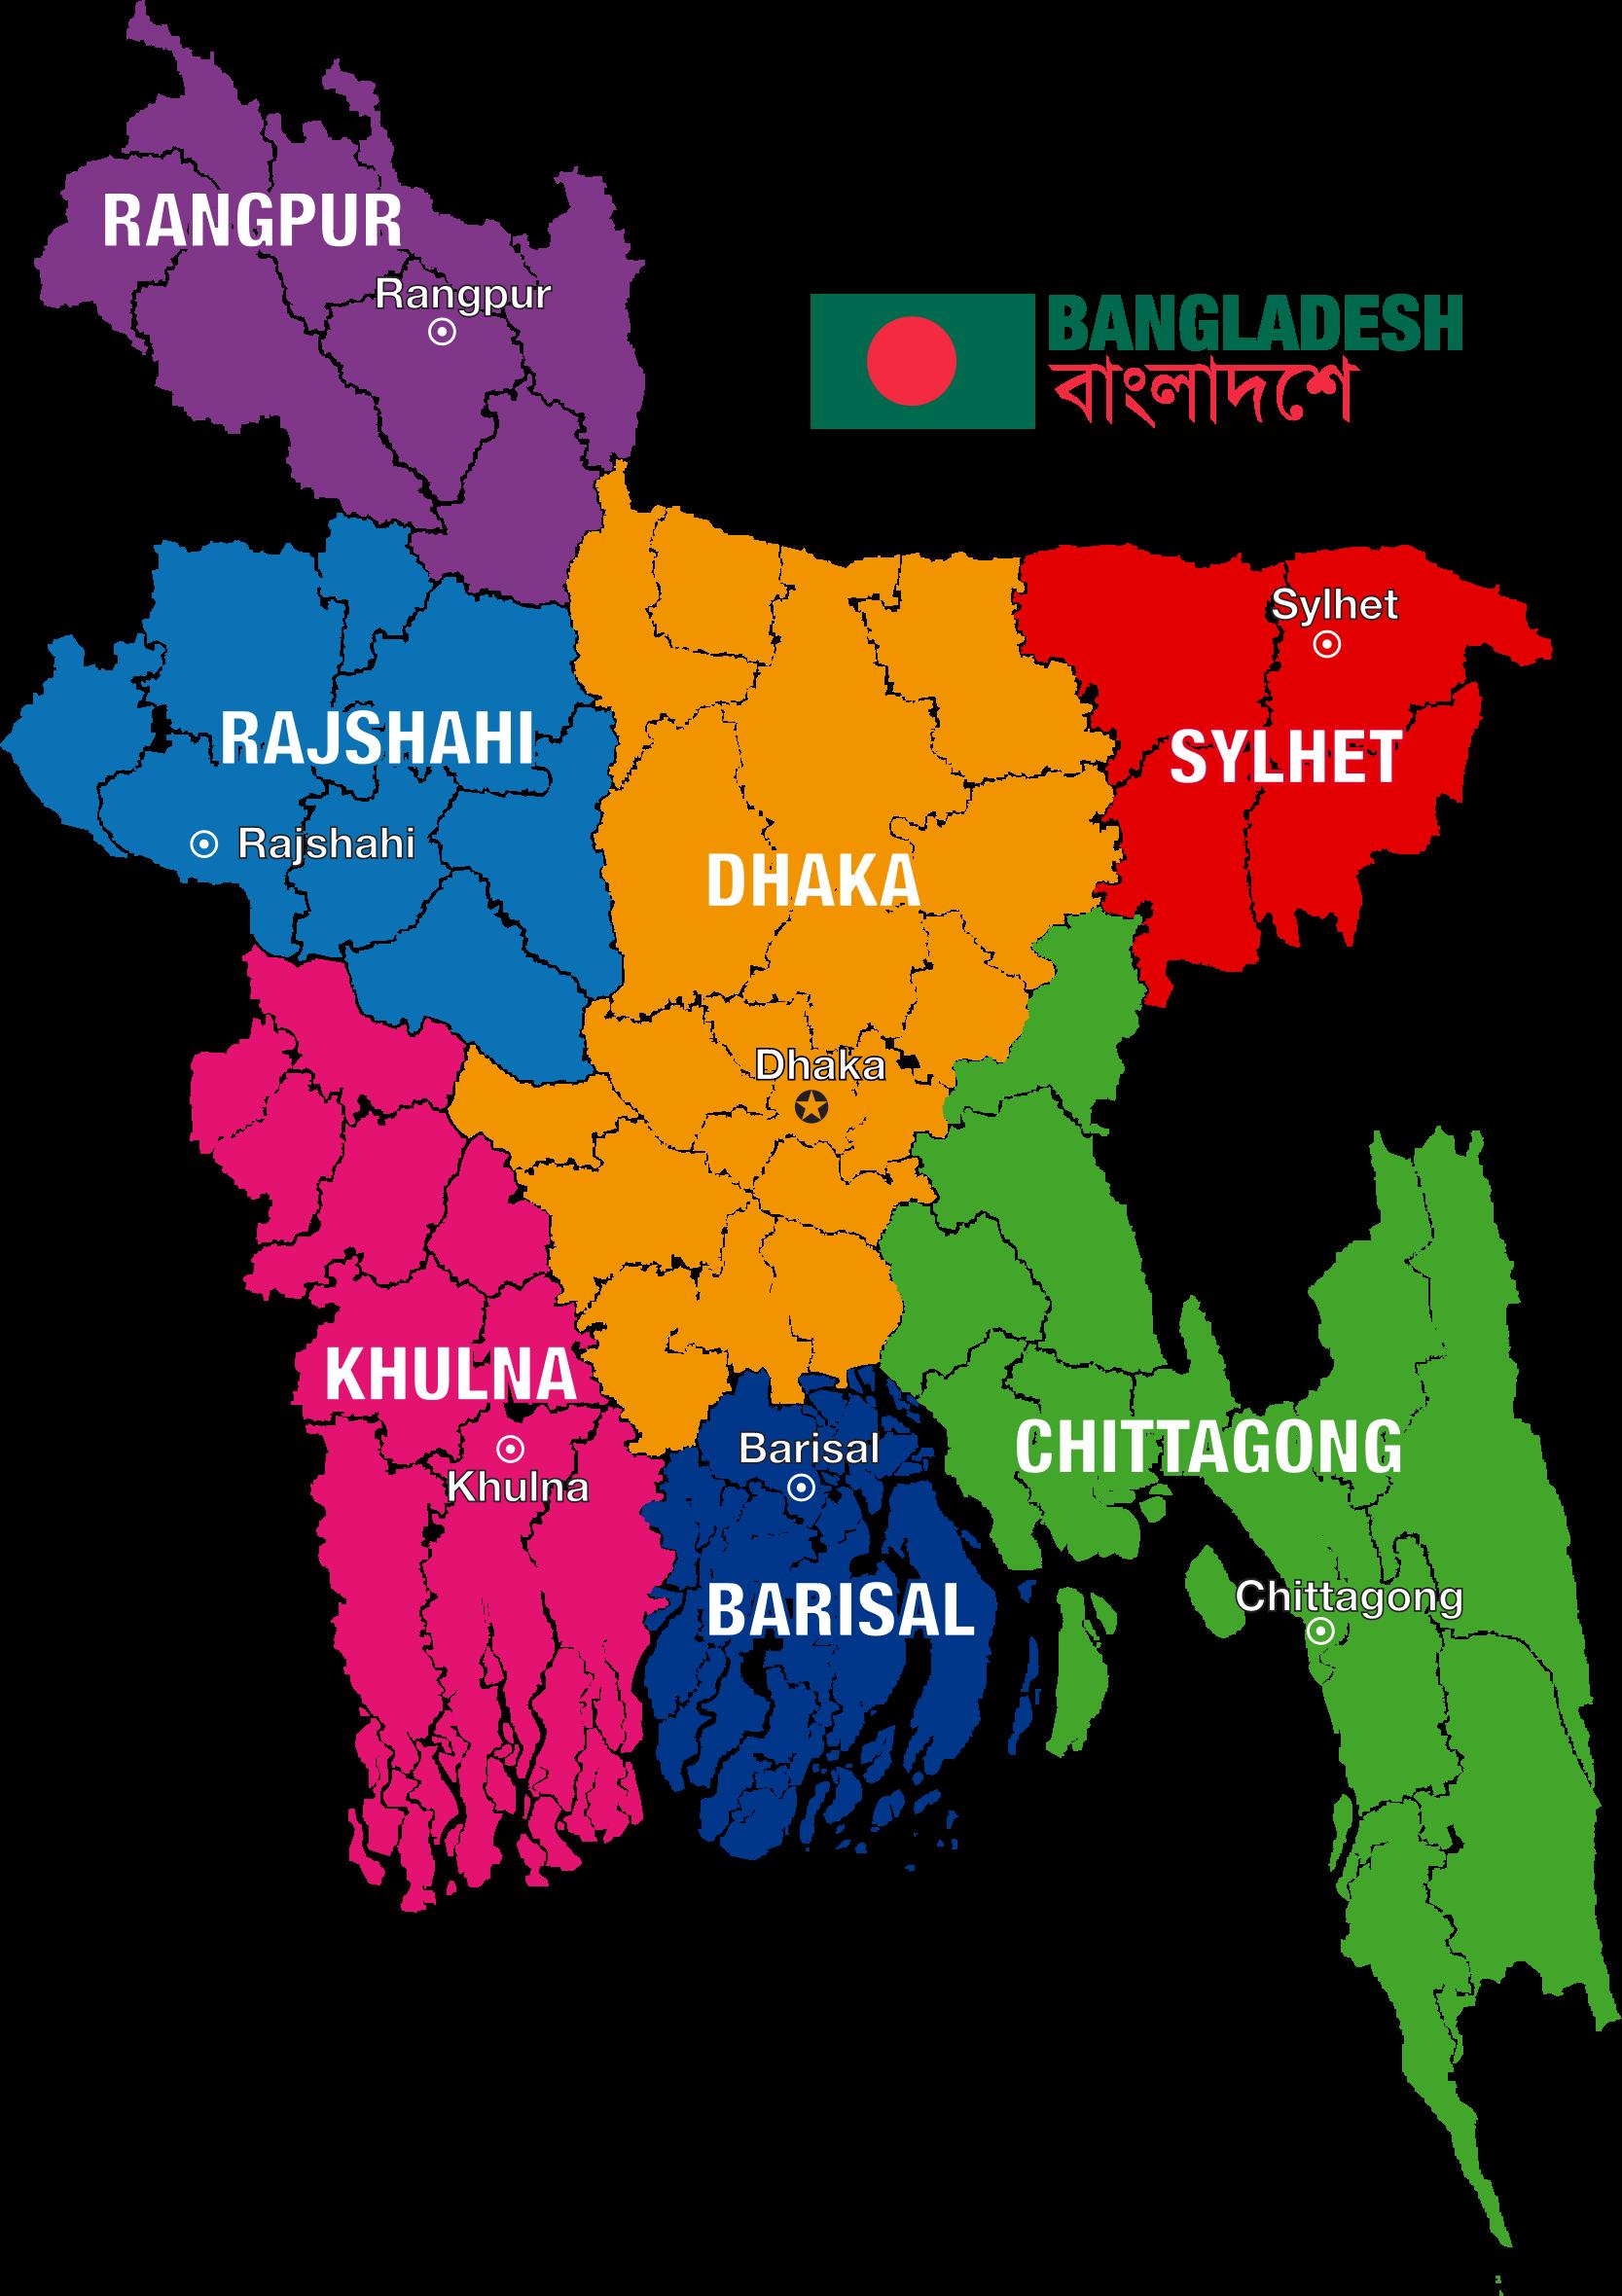 চাই শহর-গ্রাম প্রবীণবান্ধব বাংলাদেশ